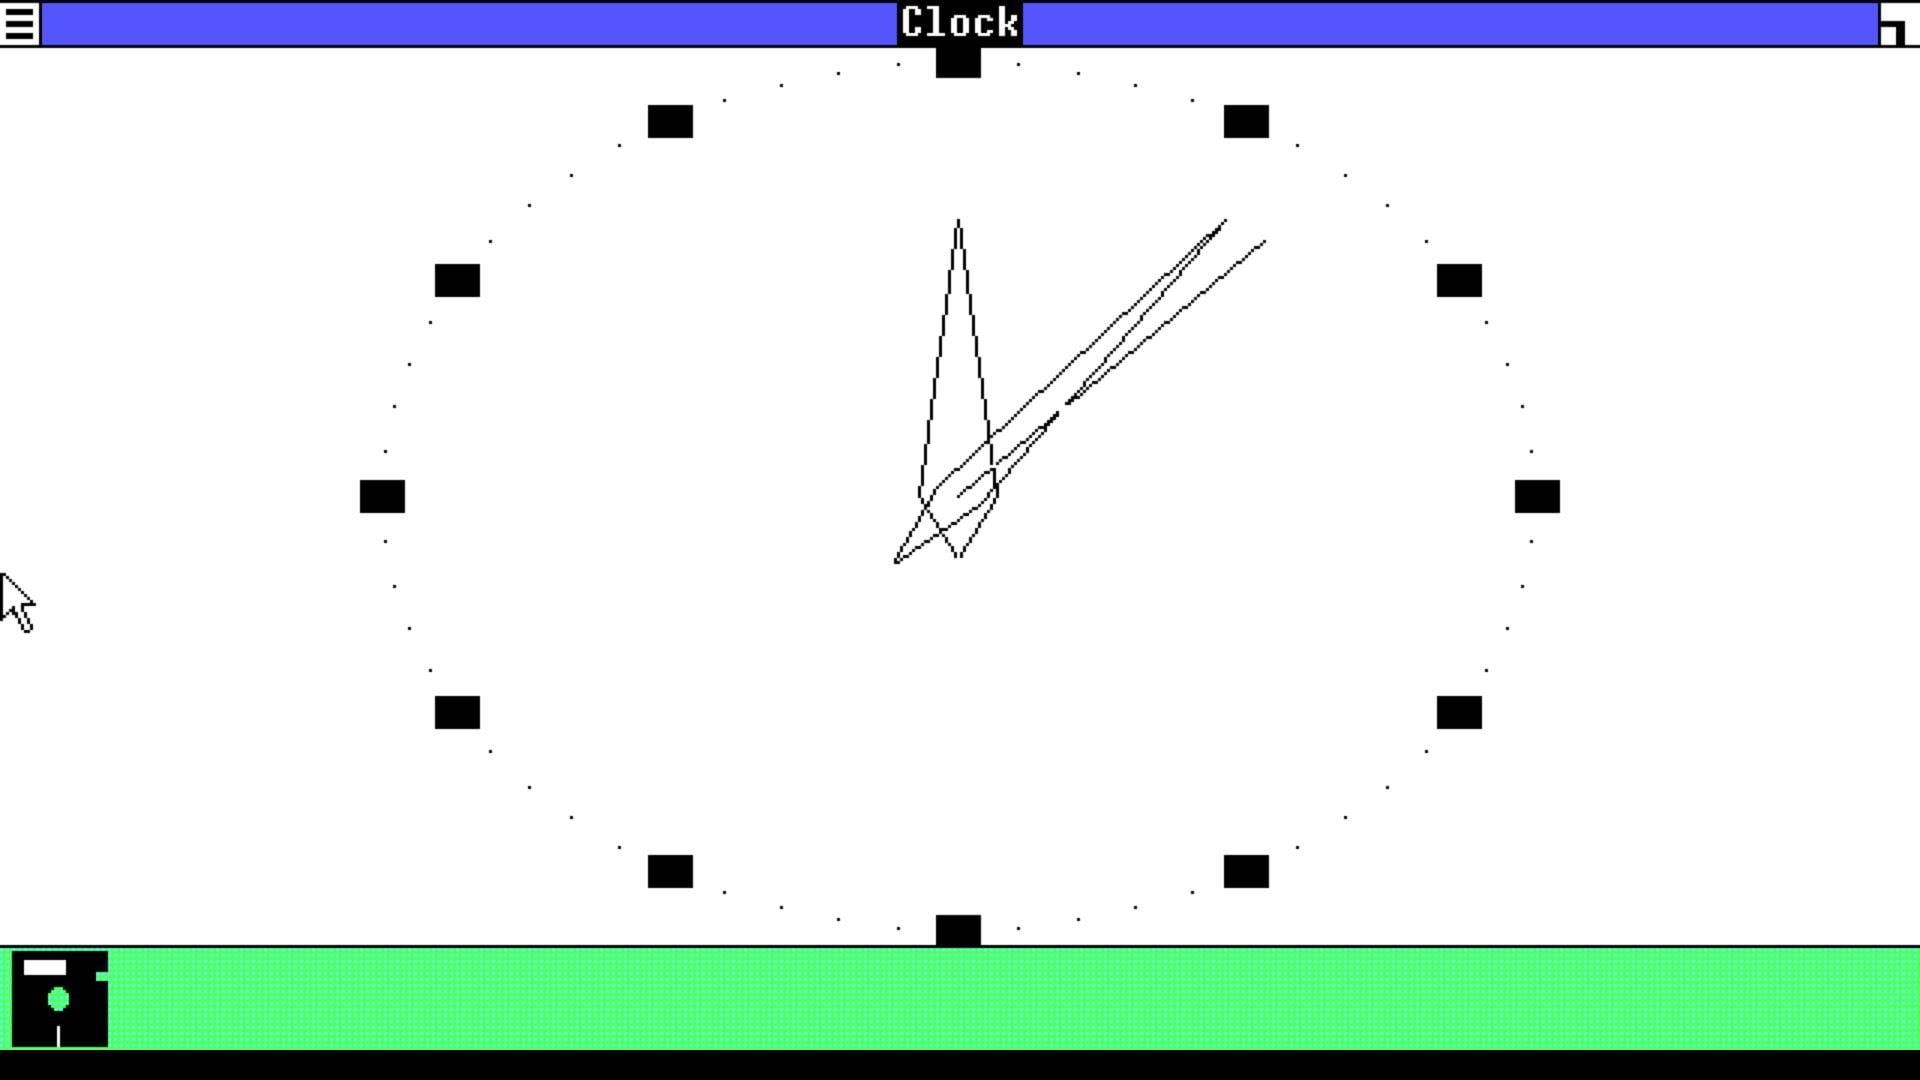 windows-101-clock Retrouvez ou découvrez Windows 1.01 (1985) dans votre navigateur web !